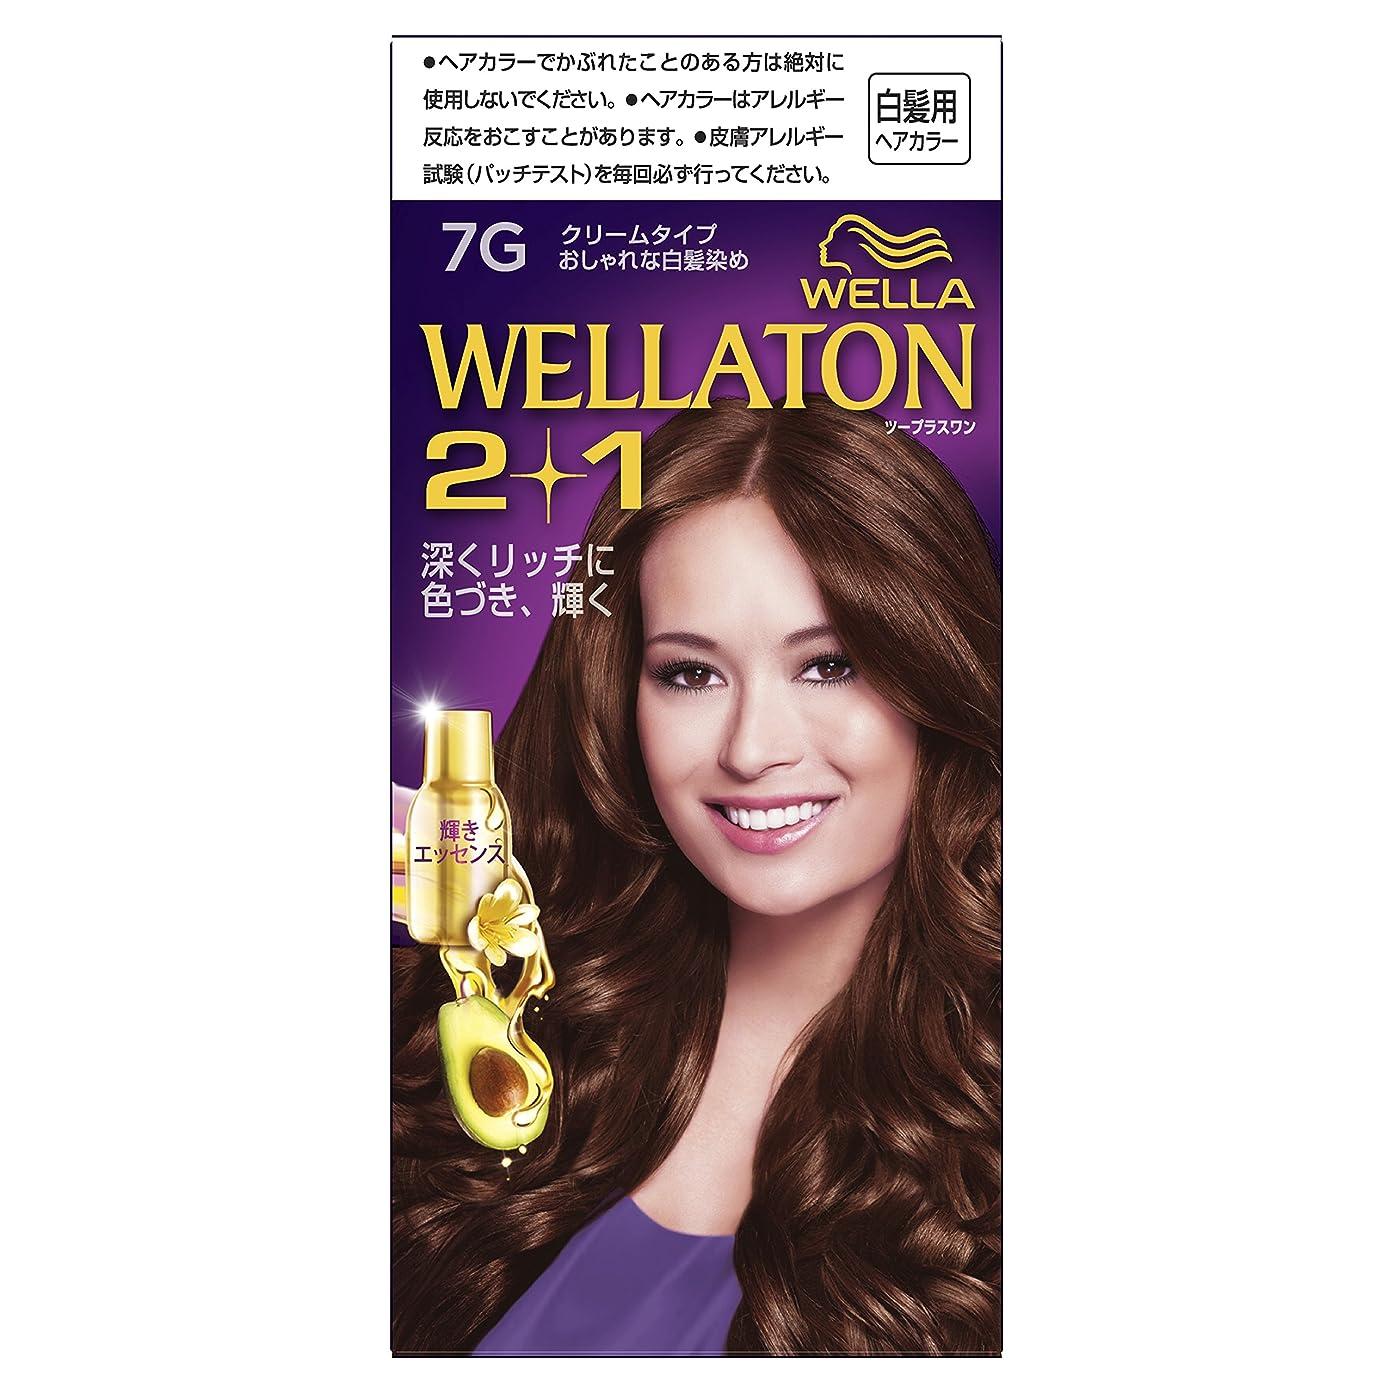 不定安息スキャンダルウエラトーン2+1 クリームタイプ 7G [医薬部外品](おしゃれな白髪染め)